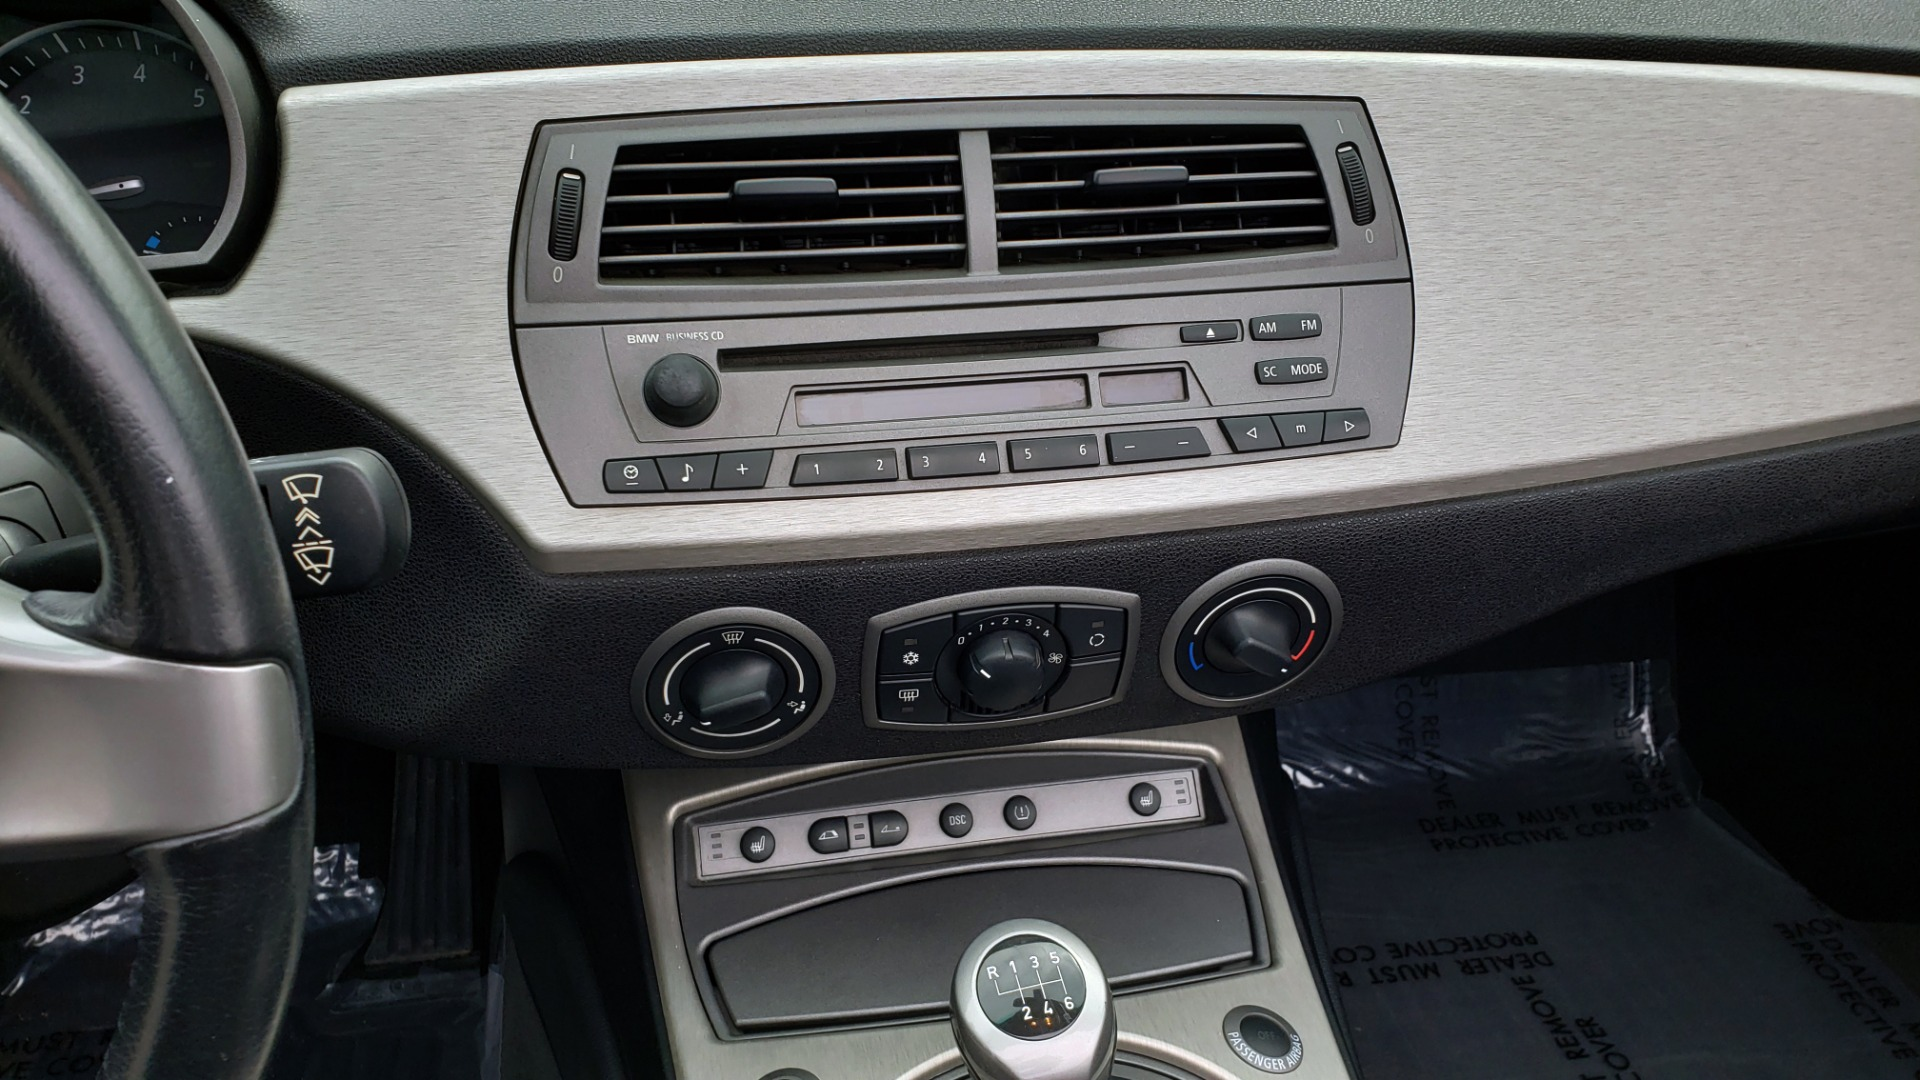 Used 2003 BMW Z4 3.0i ROADSTER / 6-SPD MAN / PREMIUM PKG / SPORT PKG / HTD STS for sale Sold at Formula Imports in Charlotte NC 28227 43